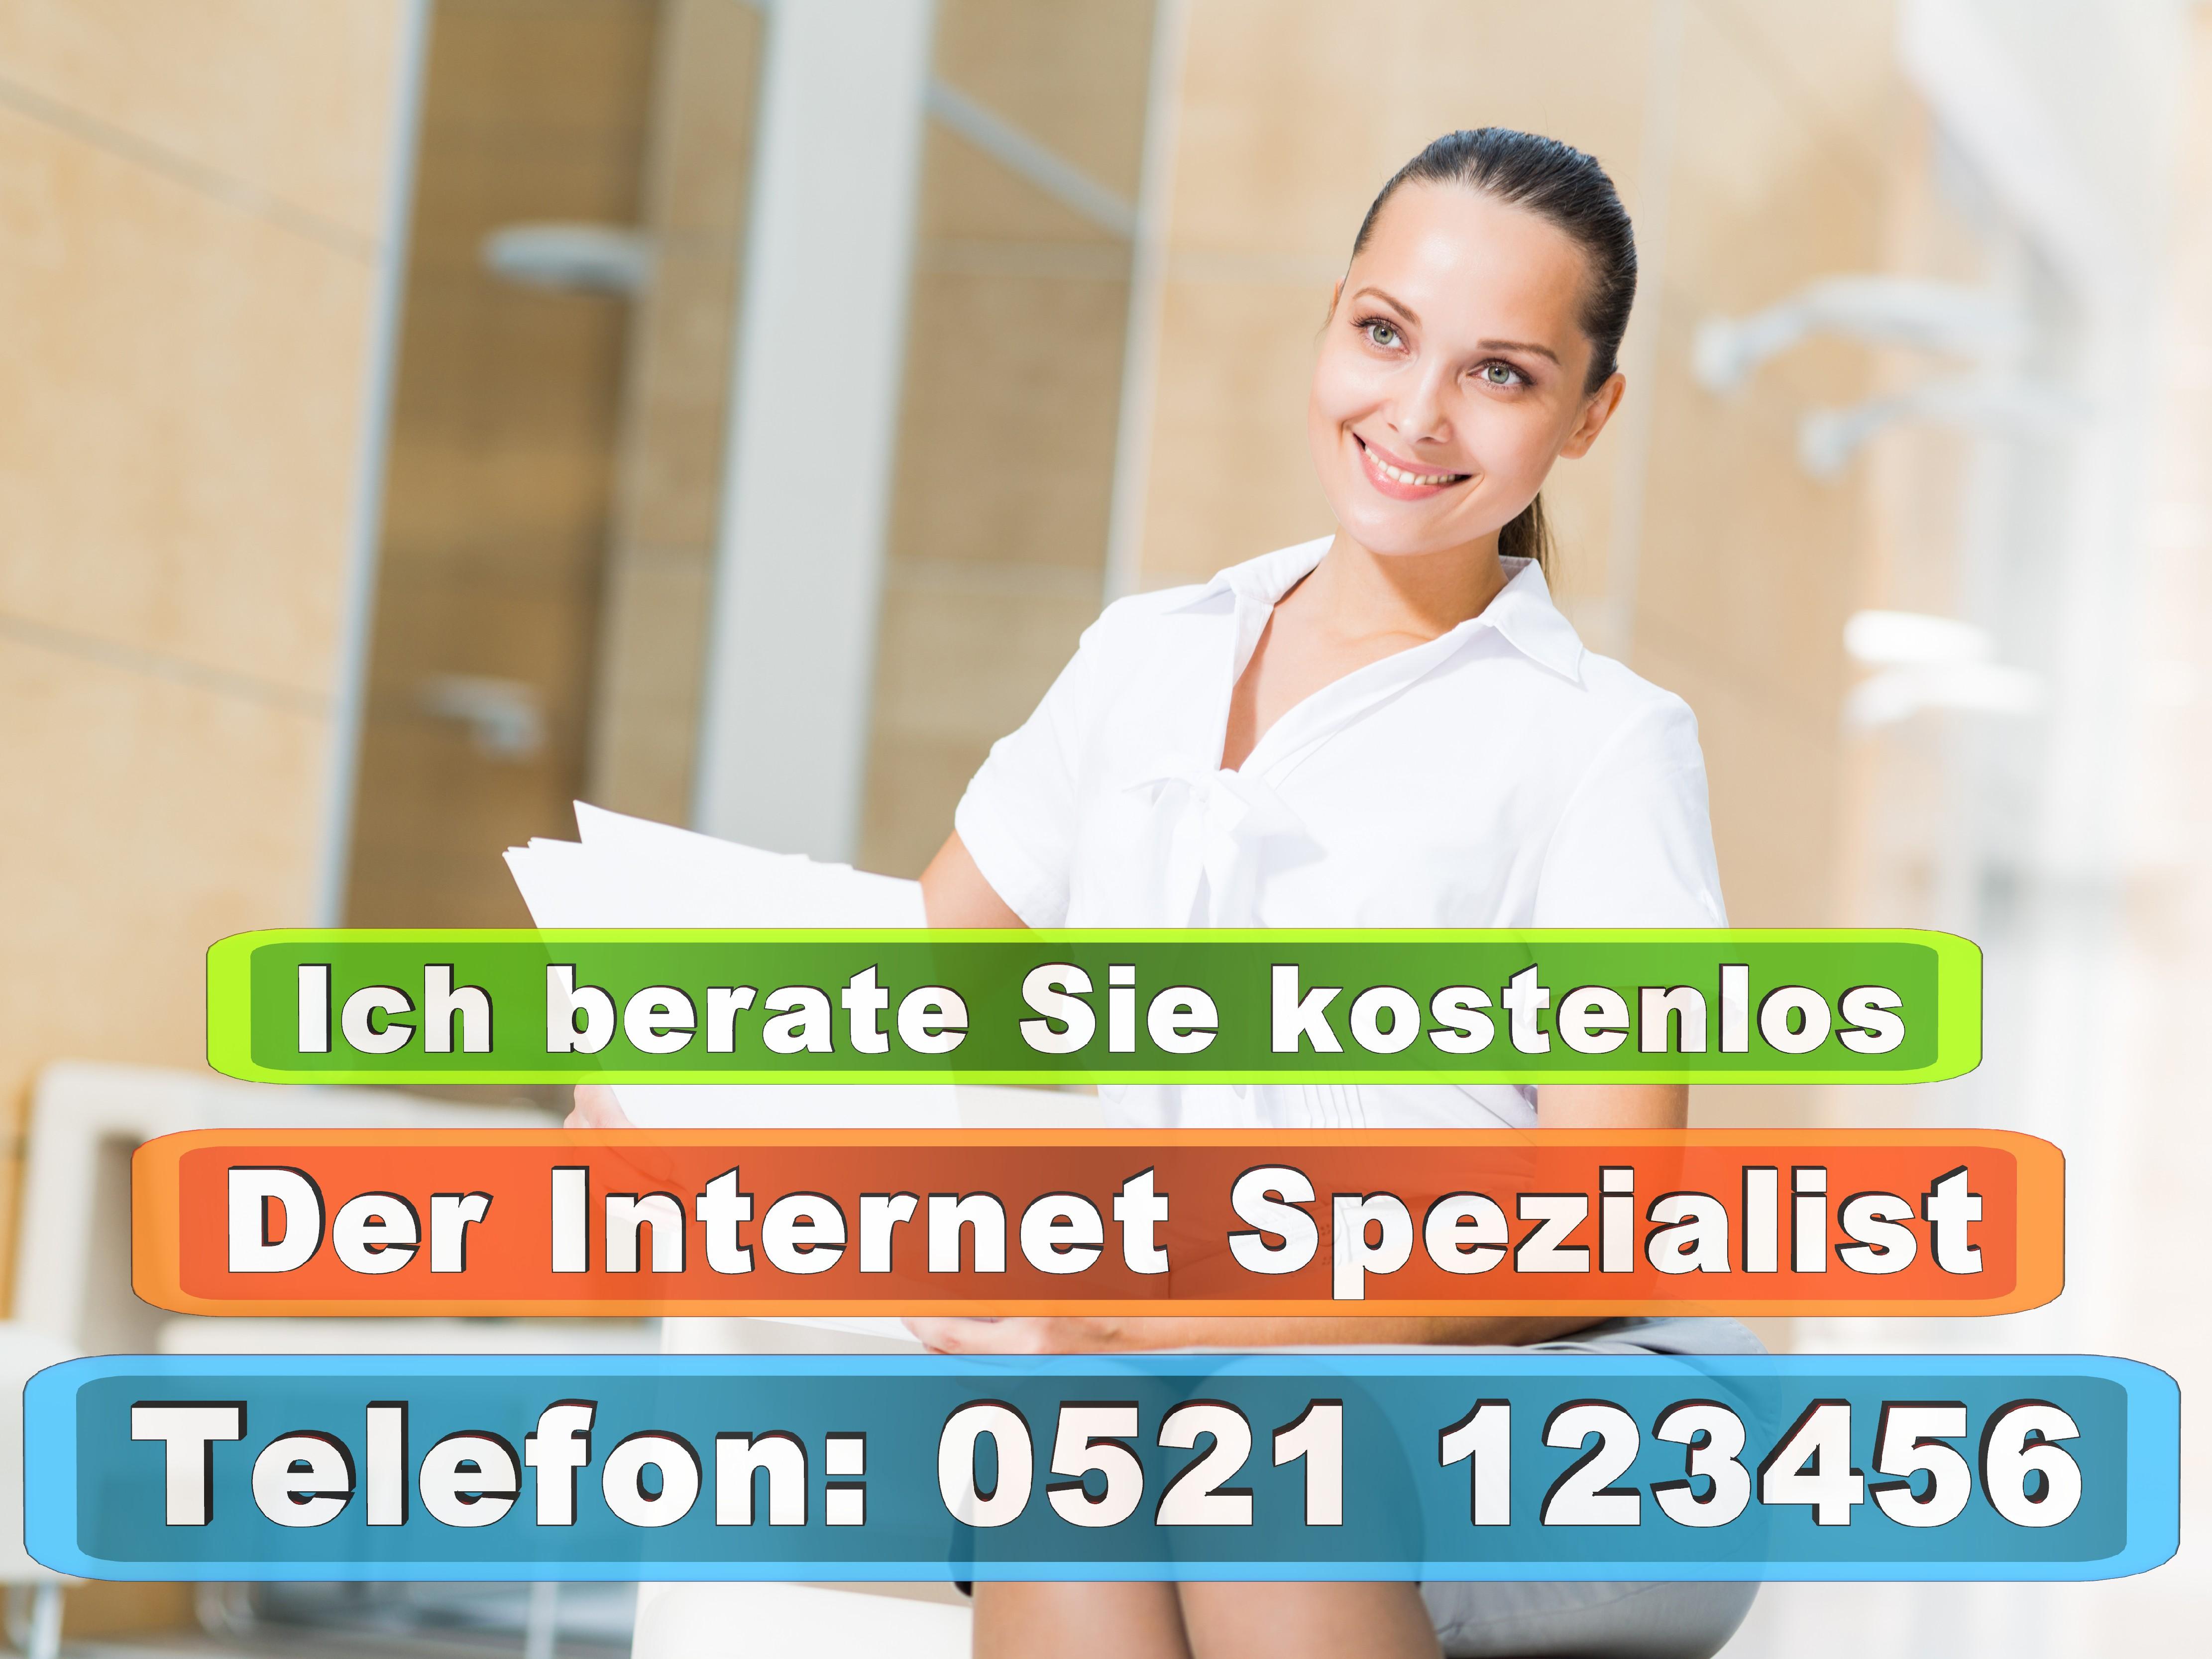 Steuerberater Bielefeld Rechtsanwalt Bielefeld Hausverwaltung Bielefeld Immobilien Bielefeld Architekt Bielefeld Büro Versicherungen (18)